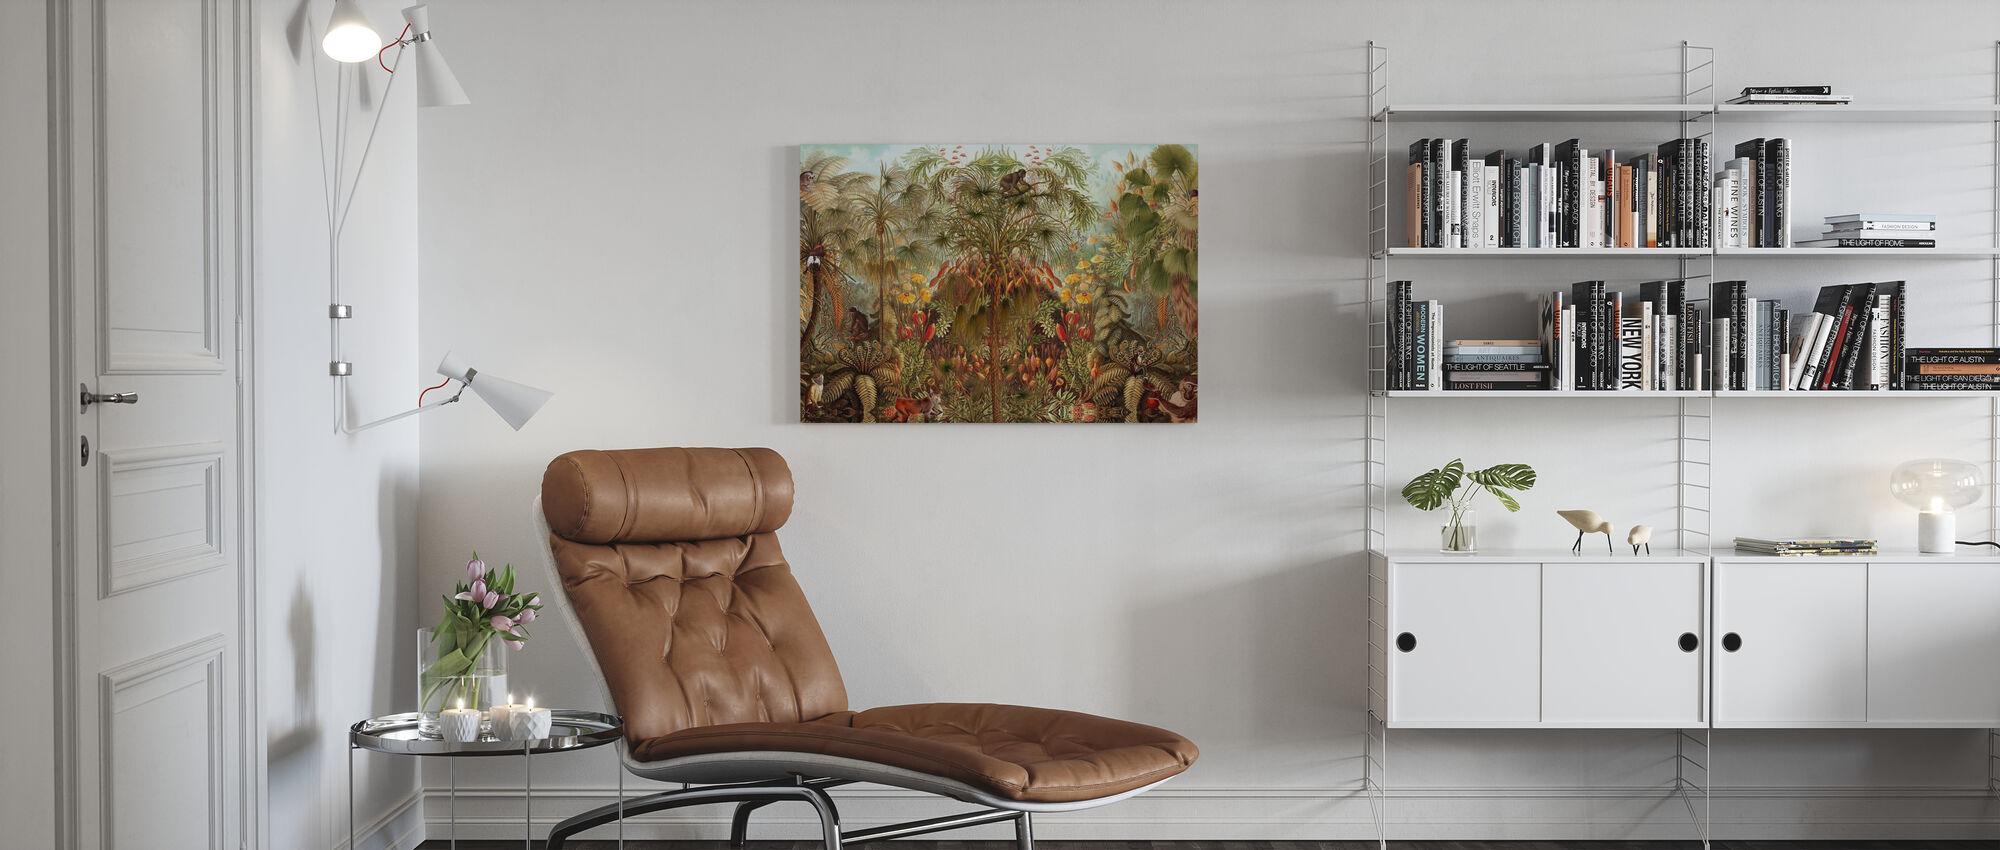 Aap Zie Aap Wah - Canvas print - Woonkamer